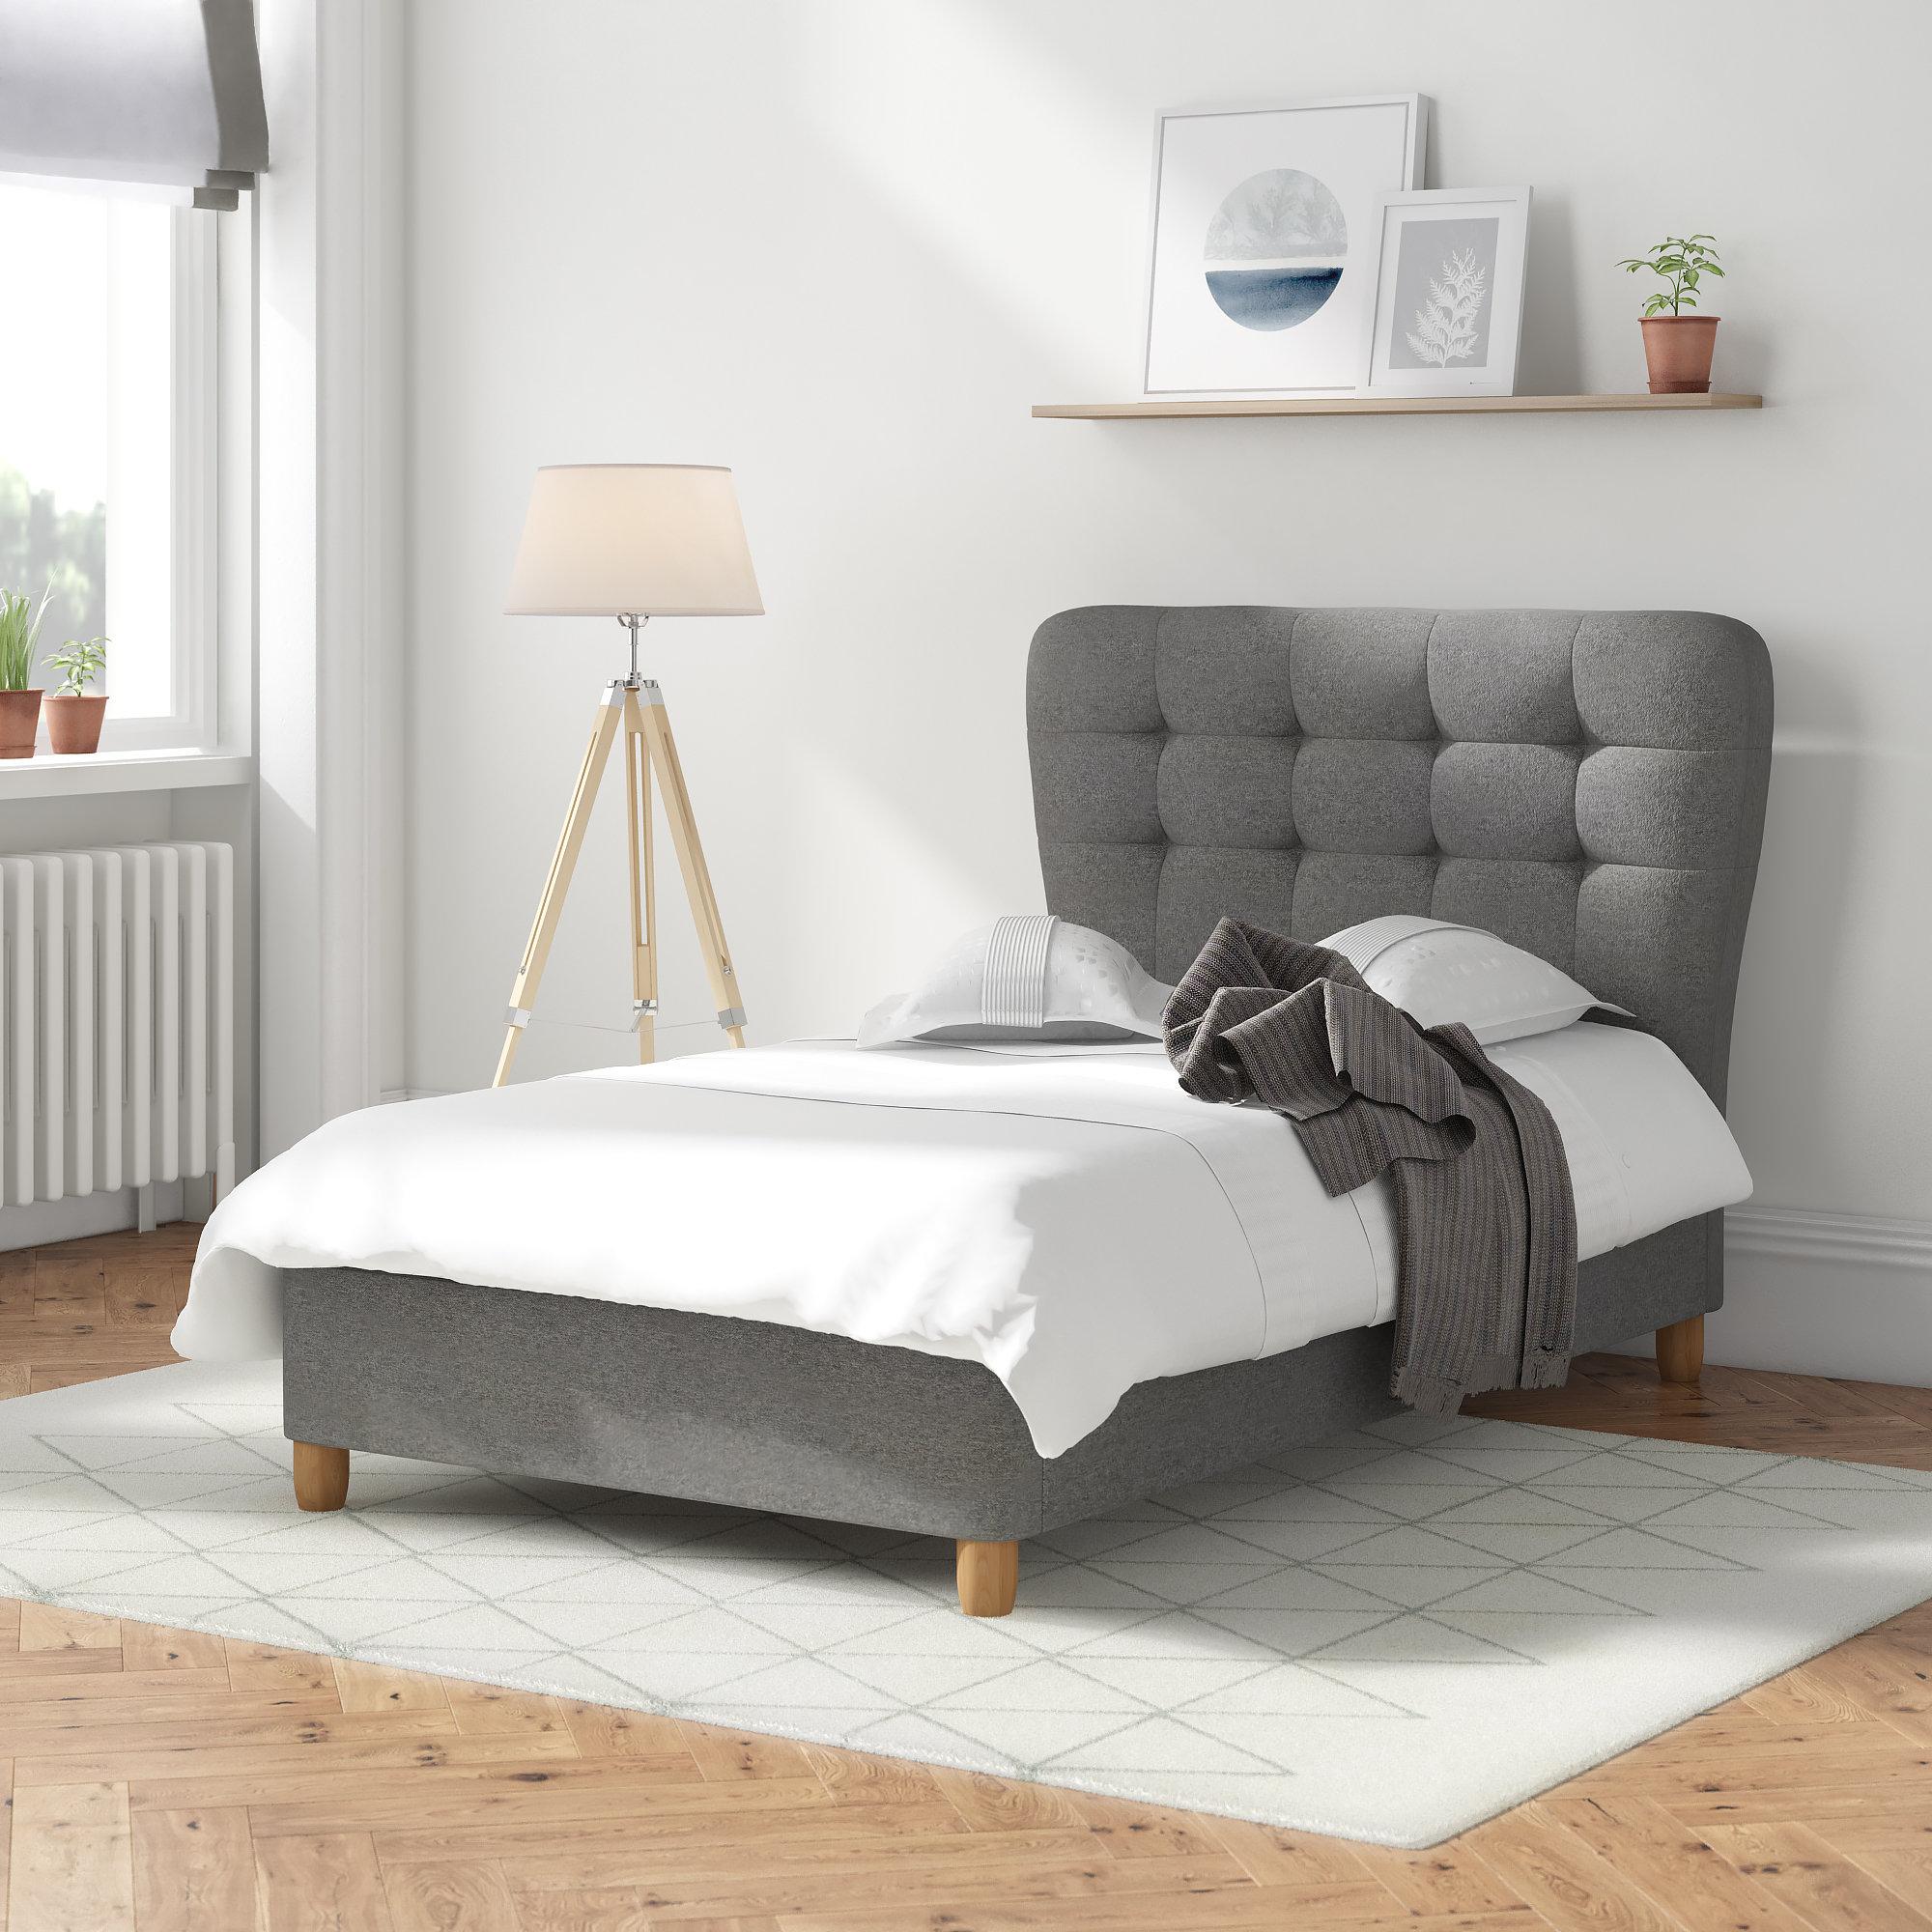 Langley Street Aghavary Upholstered Bed Frame & Reviews | Wayfair.co.uk